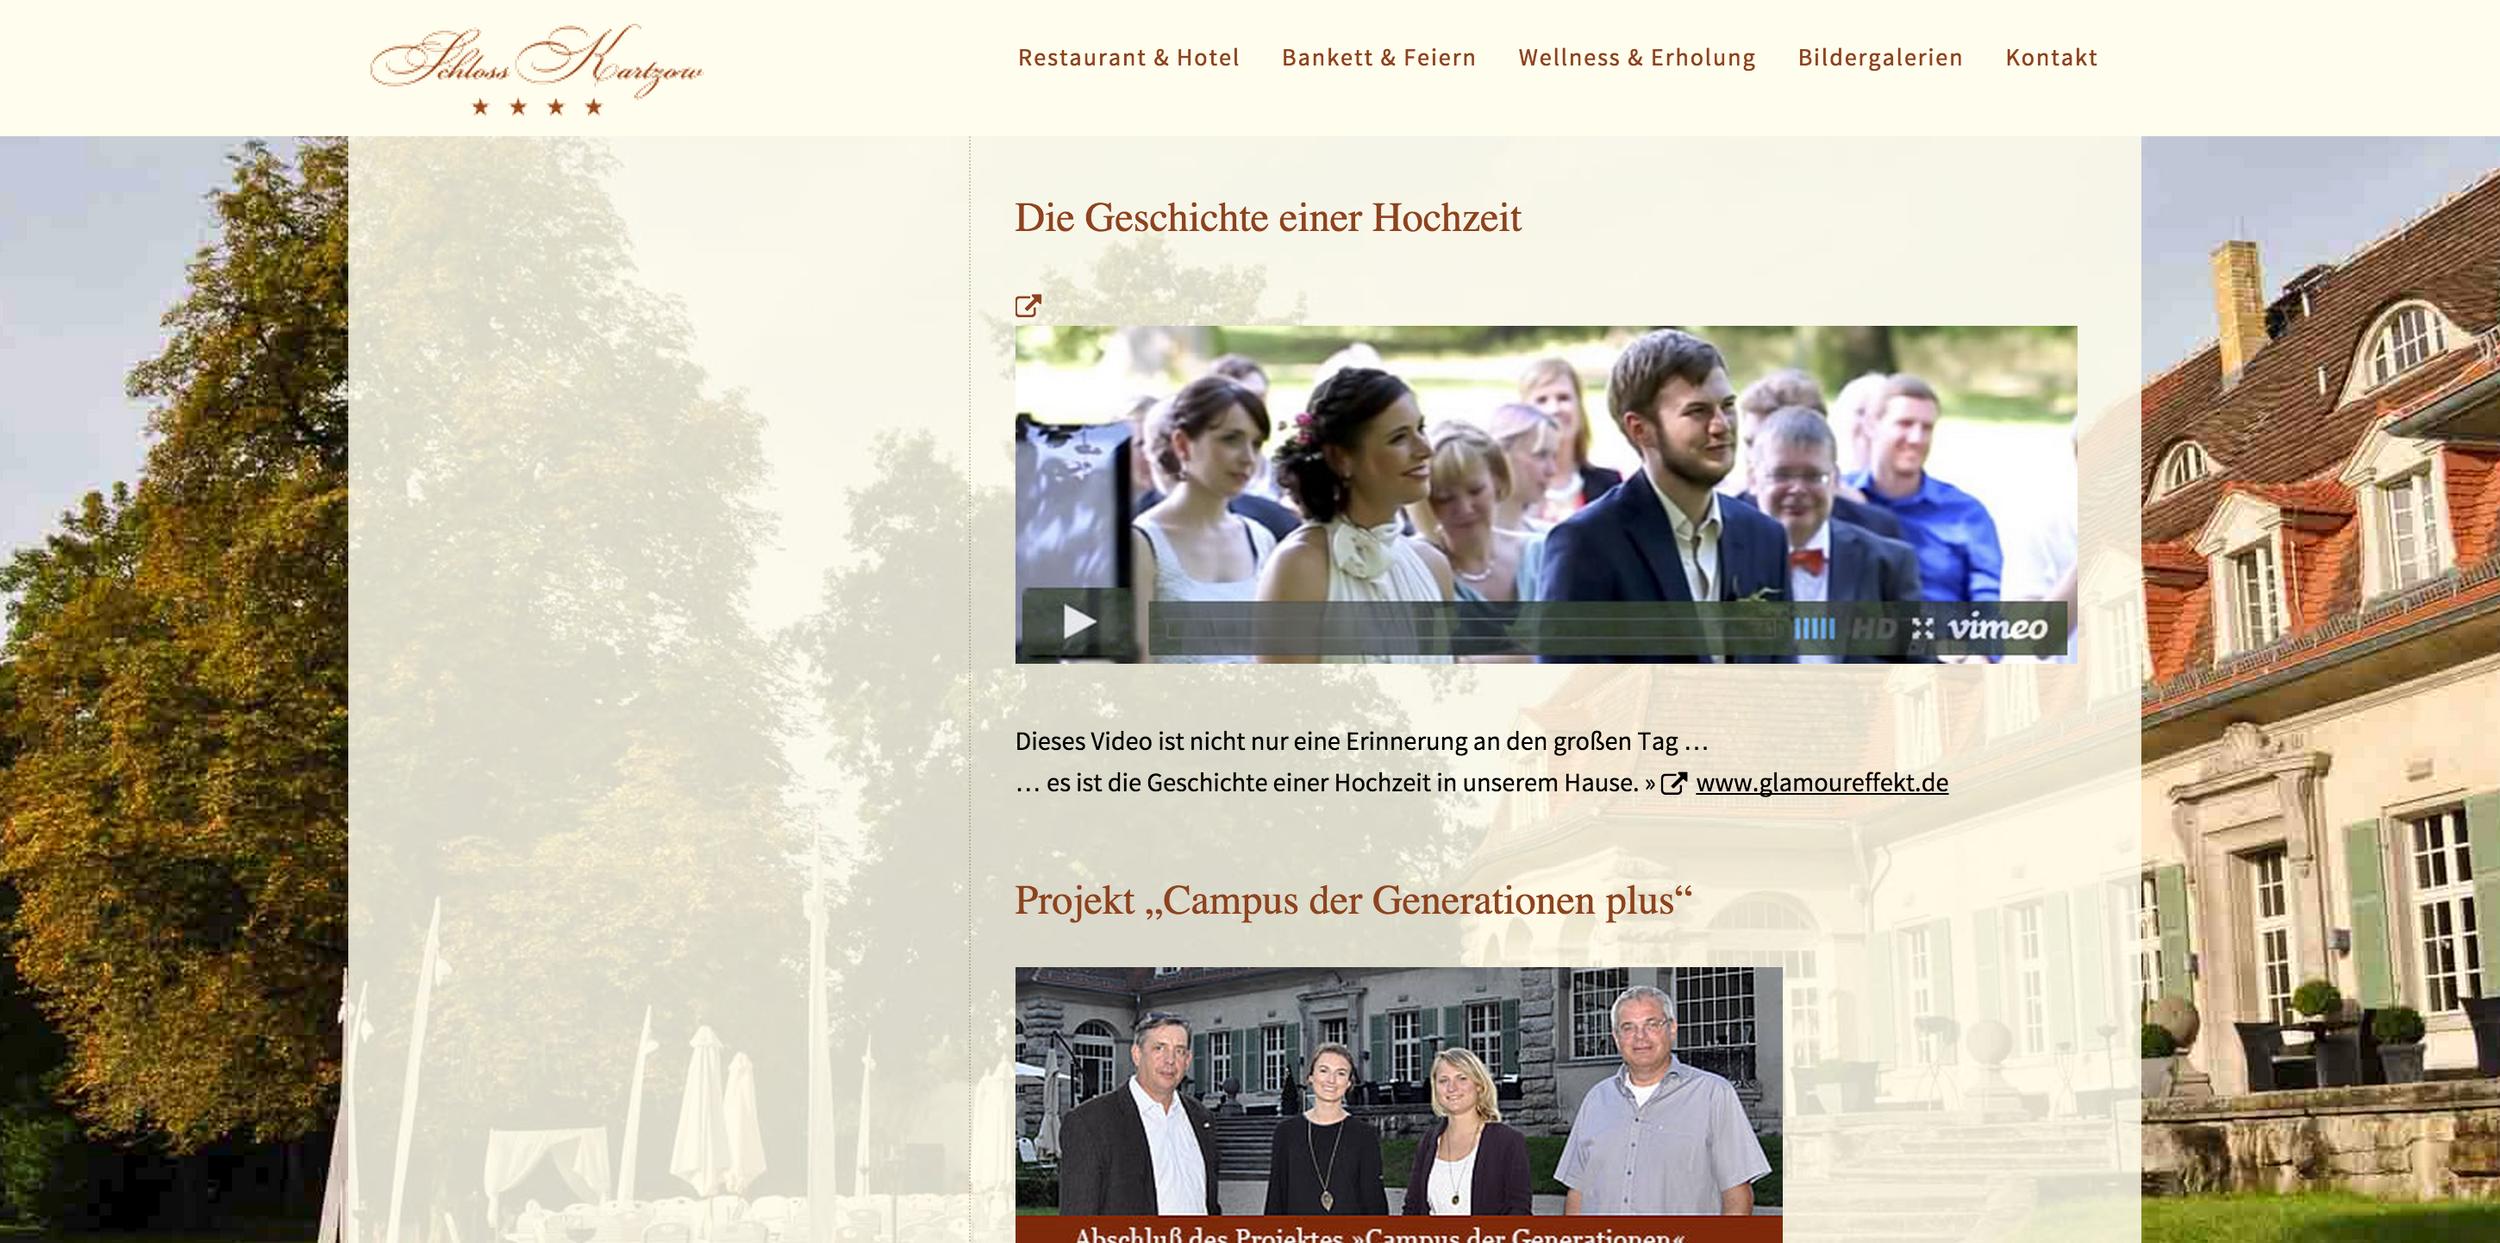 Unser Hochzeitsvideo auf Schloss Kartzow mitMaria & Basti